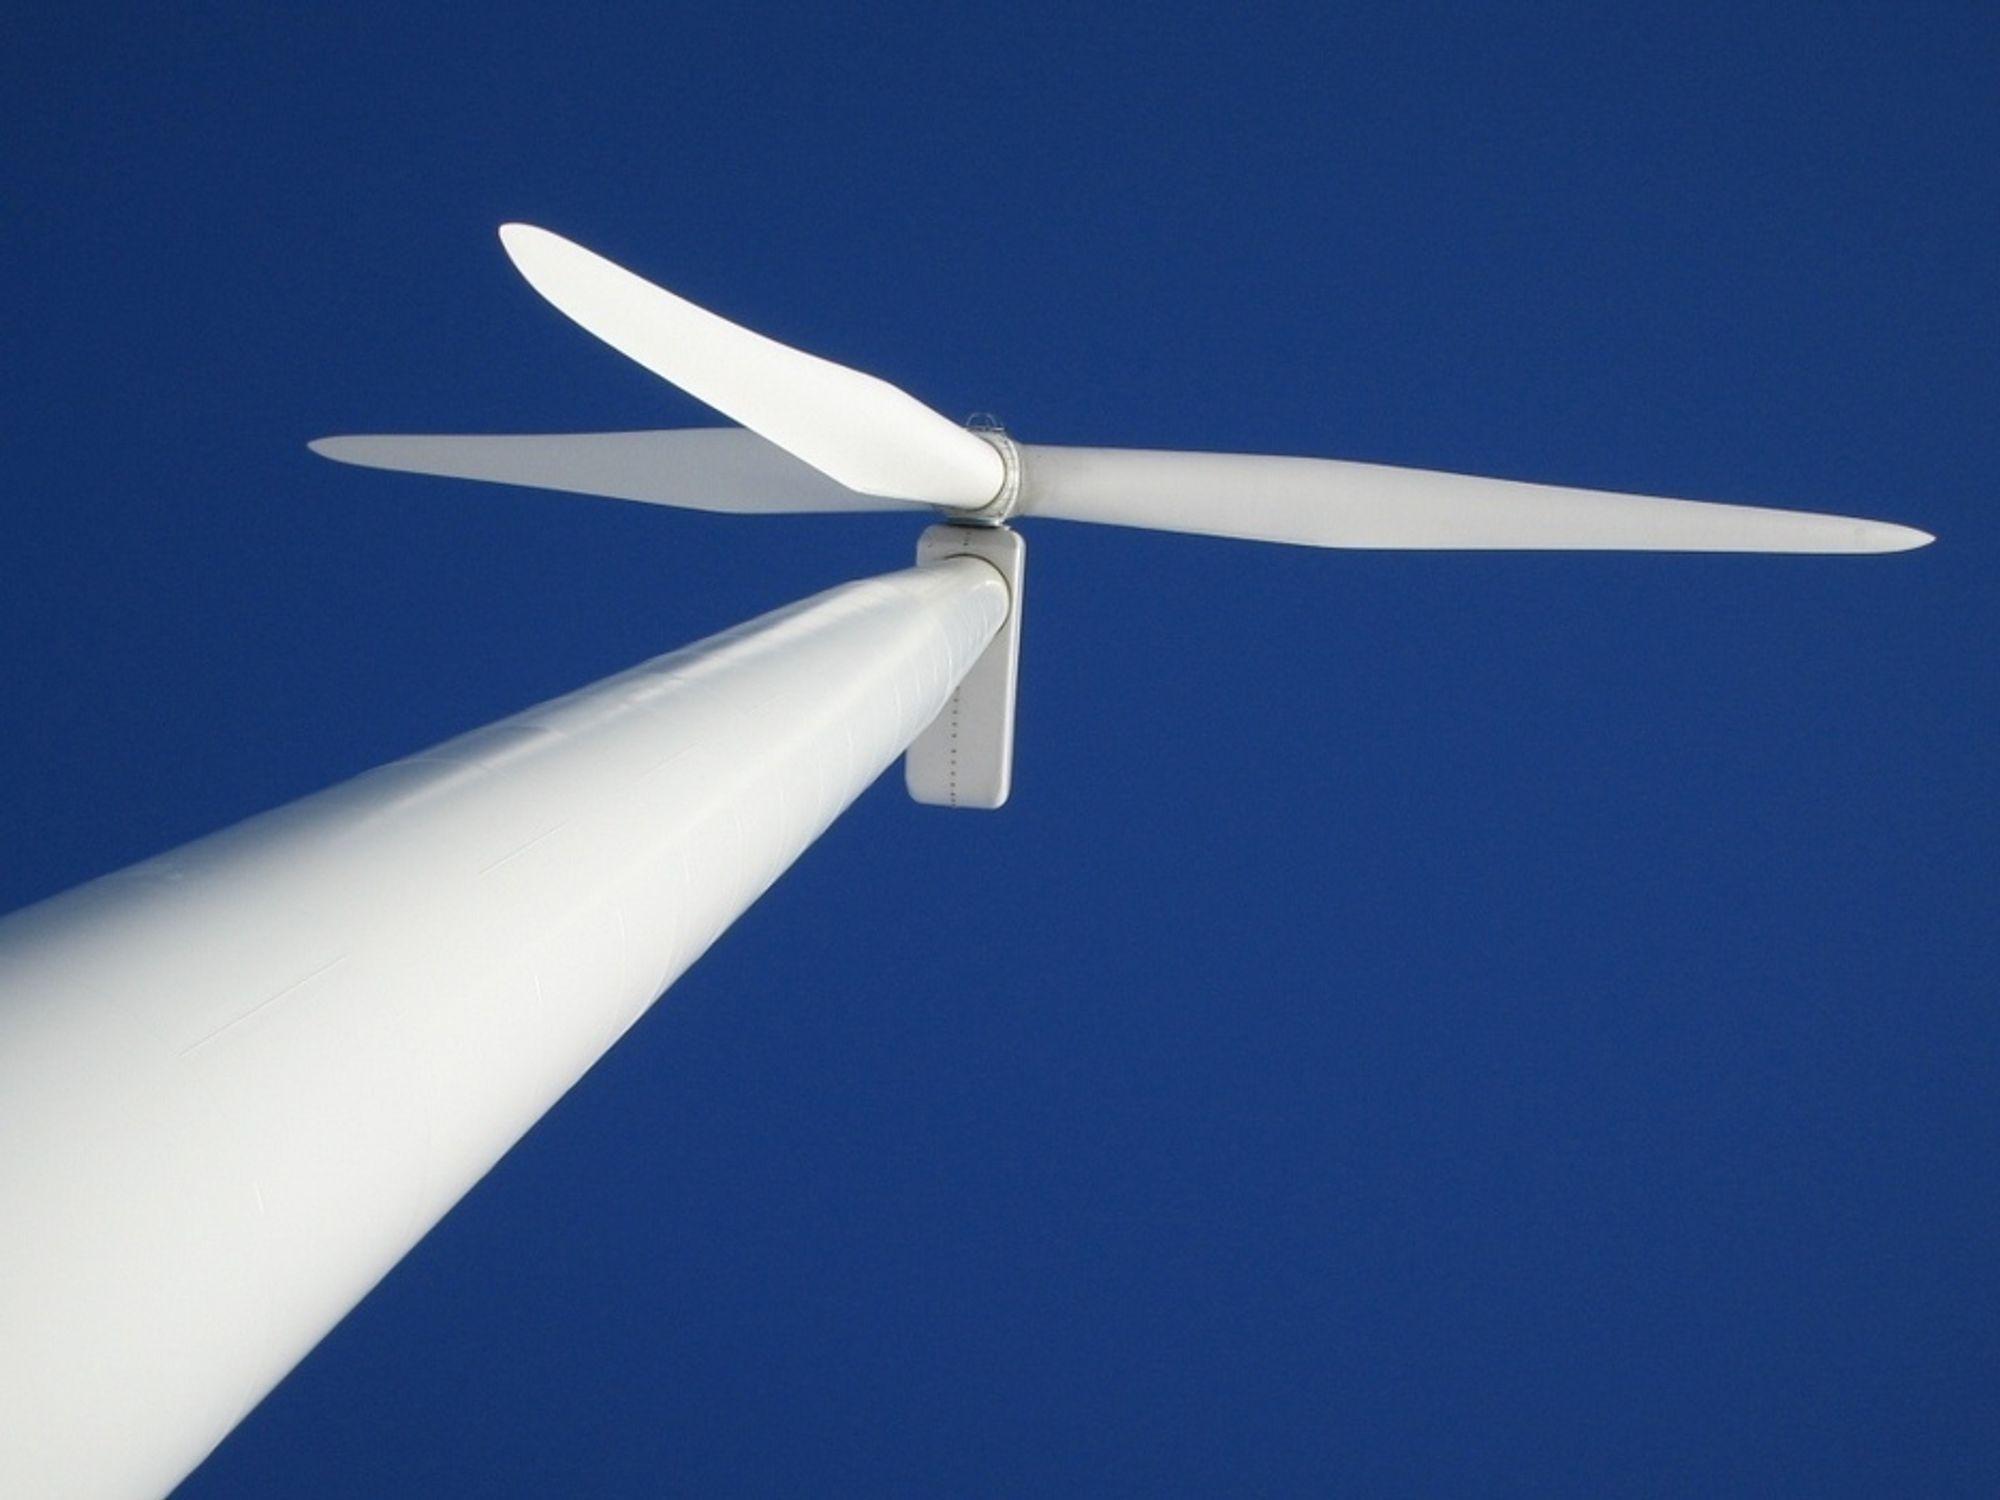 IKKE FORGJEVES: EUs CO2-kvoteregime gjør ikke støtte til fornybar energi overflødig, konkluderer Thema Consulting Group i en ny rapport. (Illustrasjonsfoto)